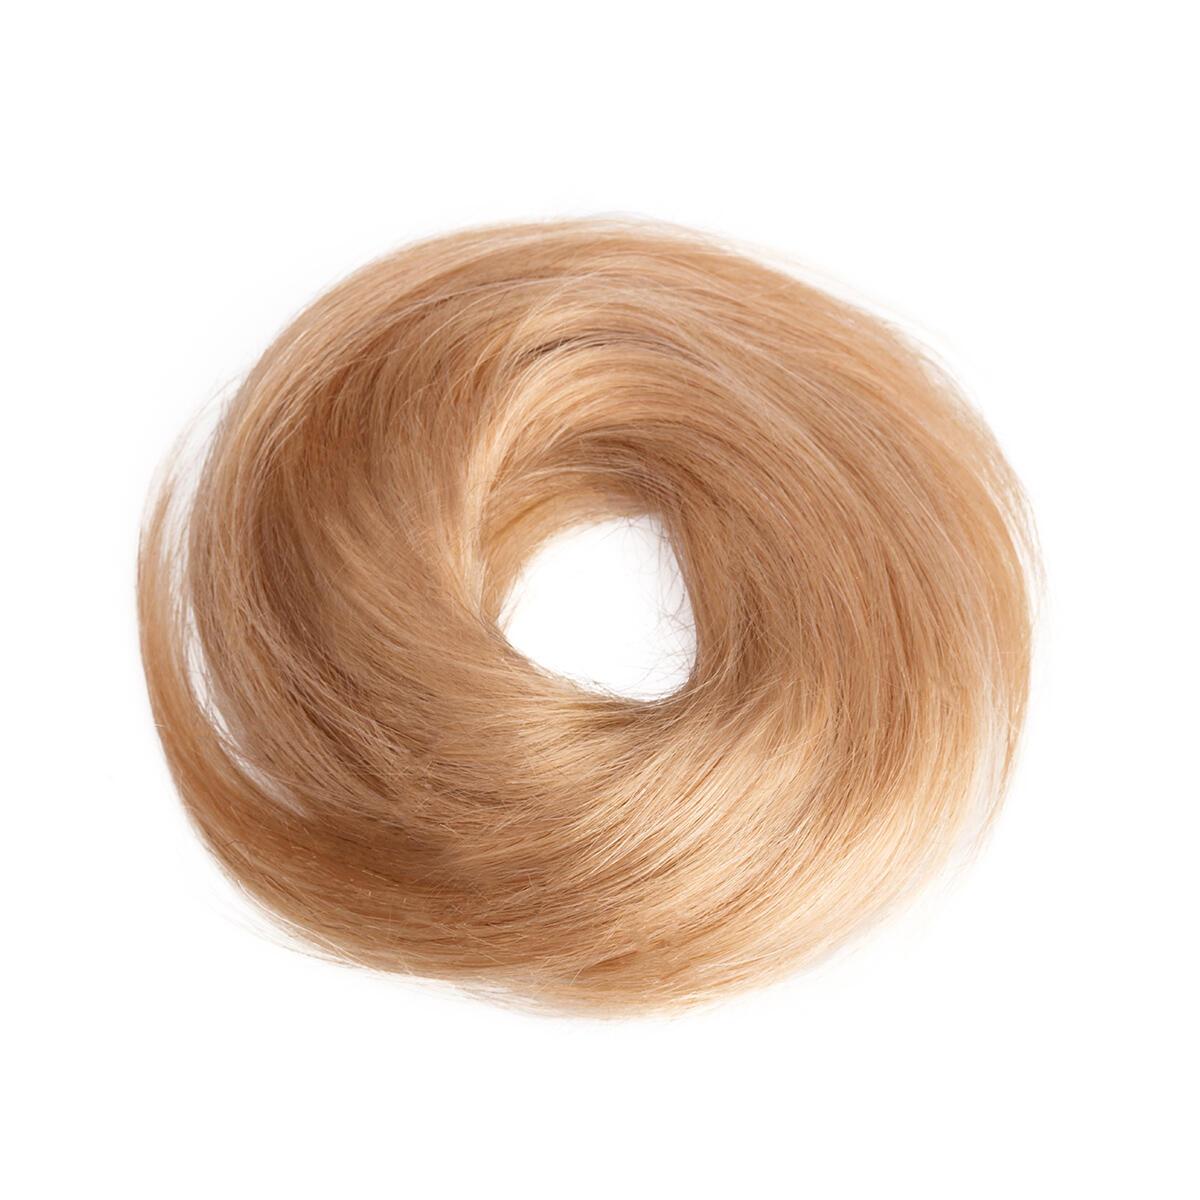 Volume Hair Scrunchie 7.5 Dark Blonde 0 cm